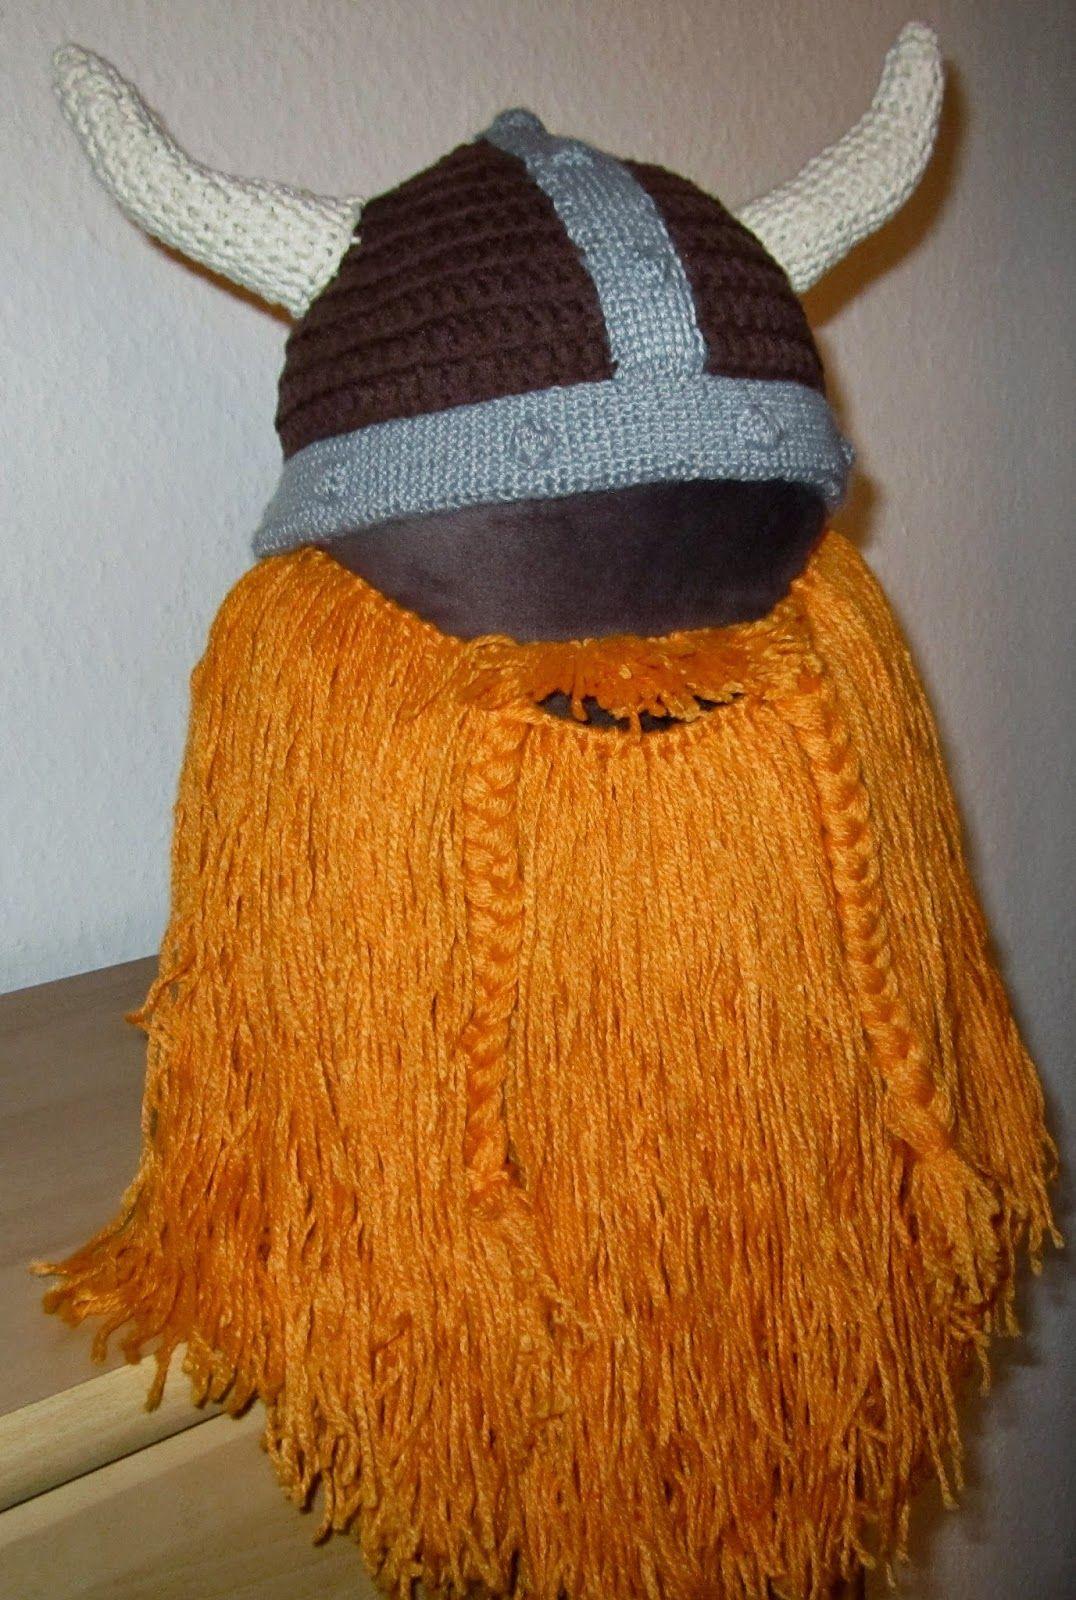 Mütze - Helm | Coole Mützen Häckeln | Pinterest | Mütze, Häckeln und ...